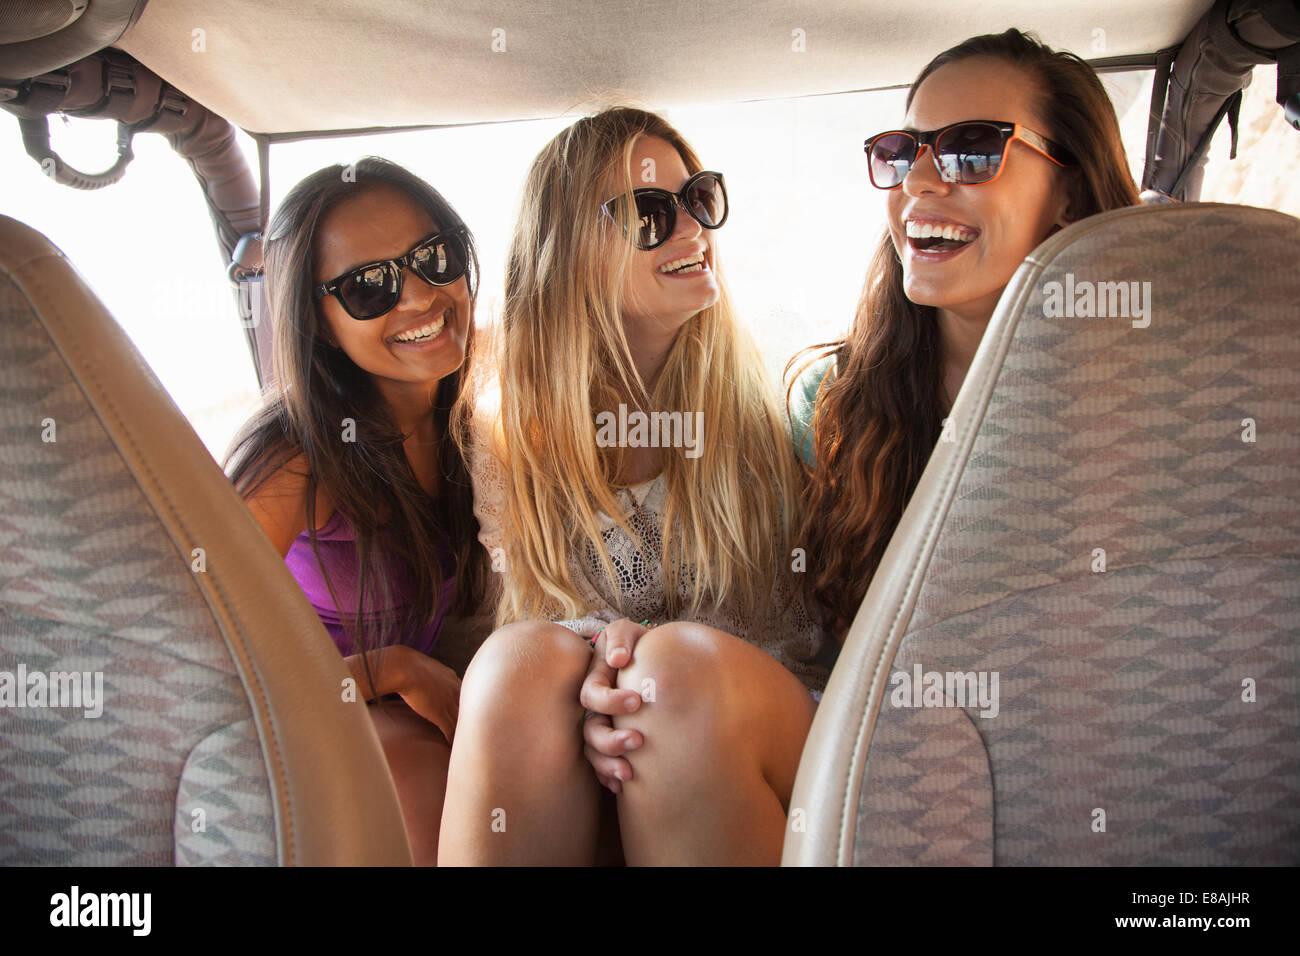 Tre giovani donne ridere nel sedile posteriore della macchina Immagini Stock